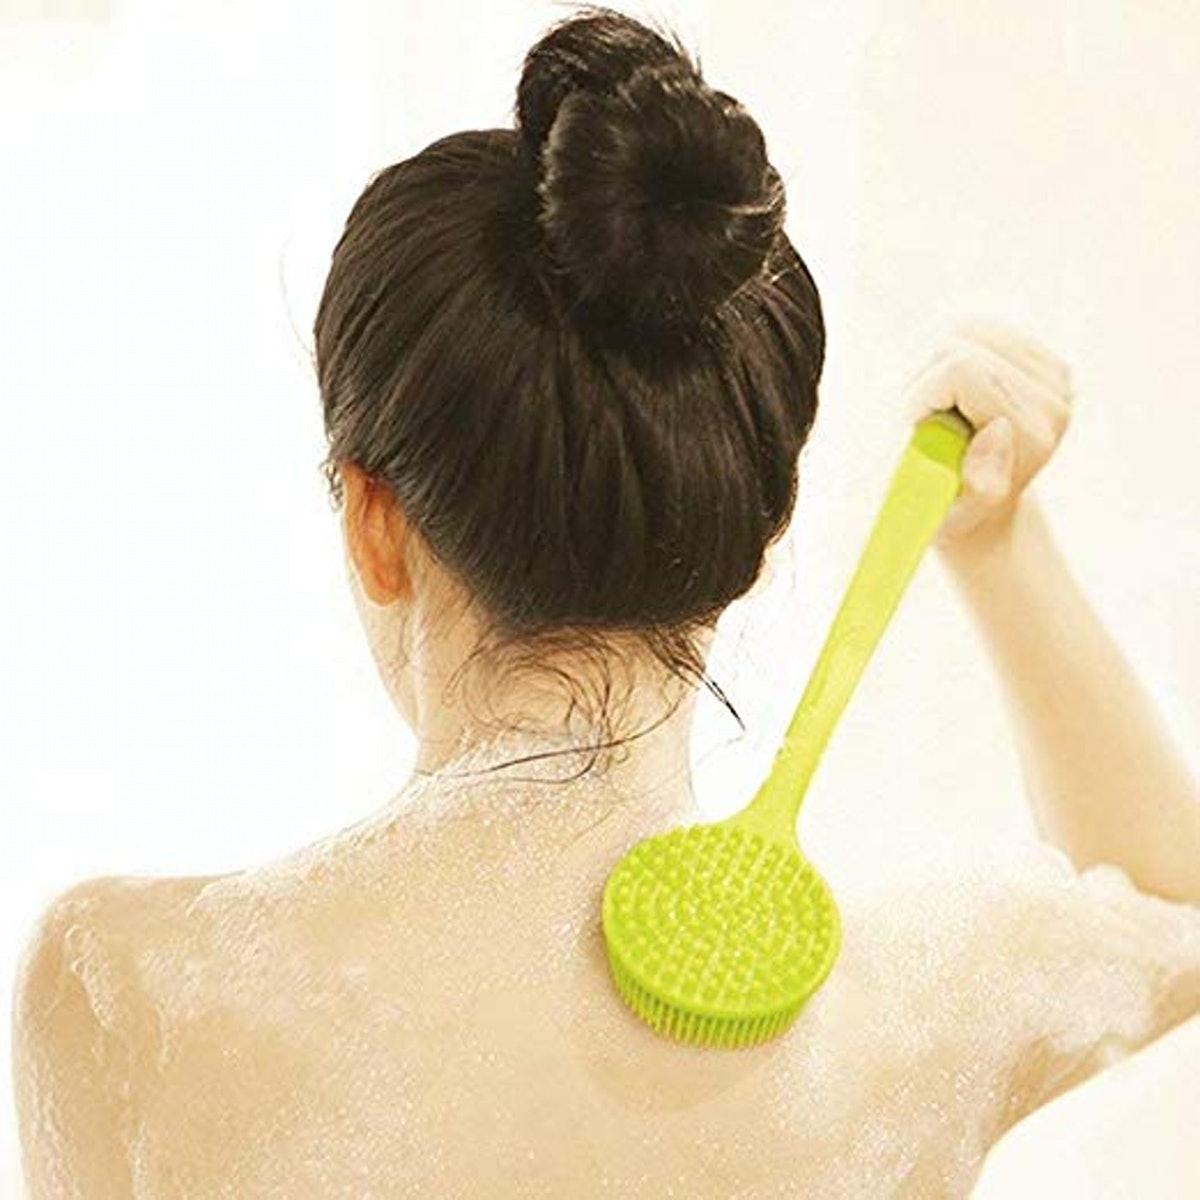 COSTOM Silicone Body Brush (2 Pack)